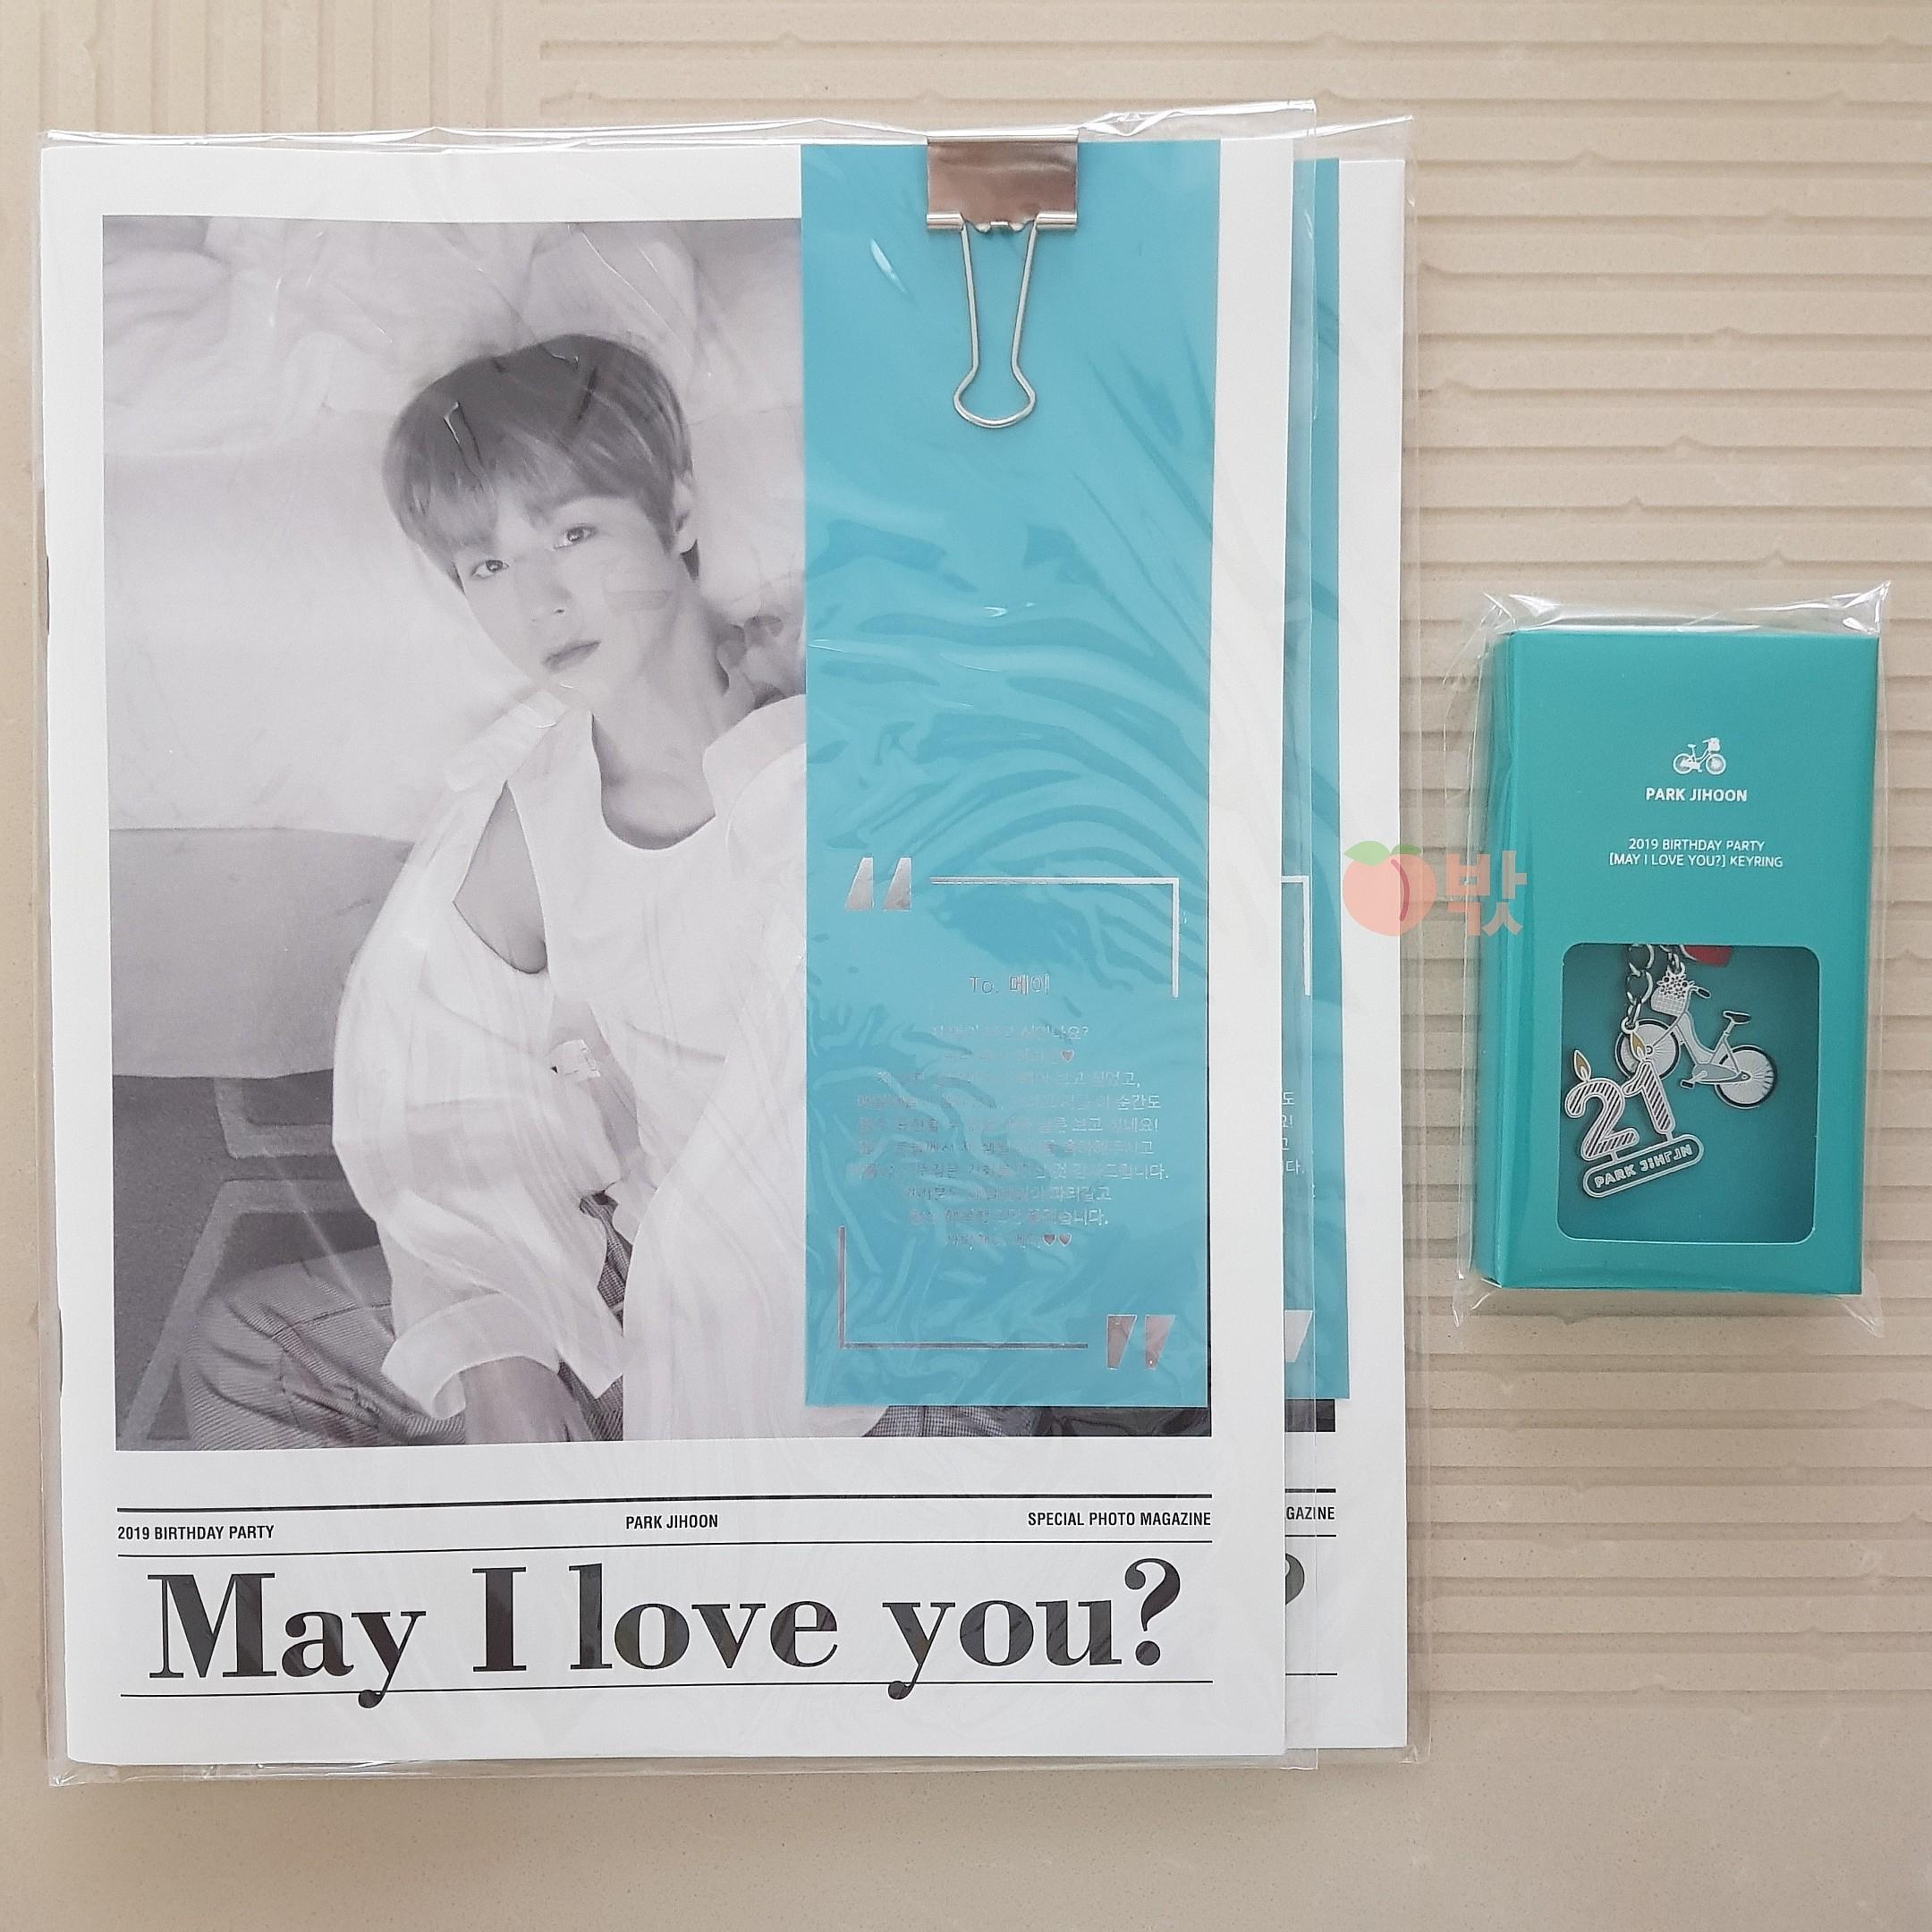 [Ready Stock] Park Jihoon Birthday Party [May I Love you?] (Goods)